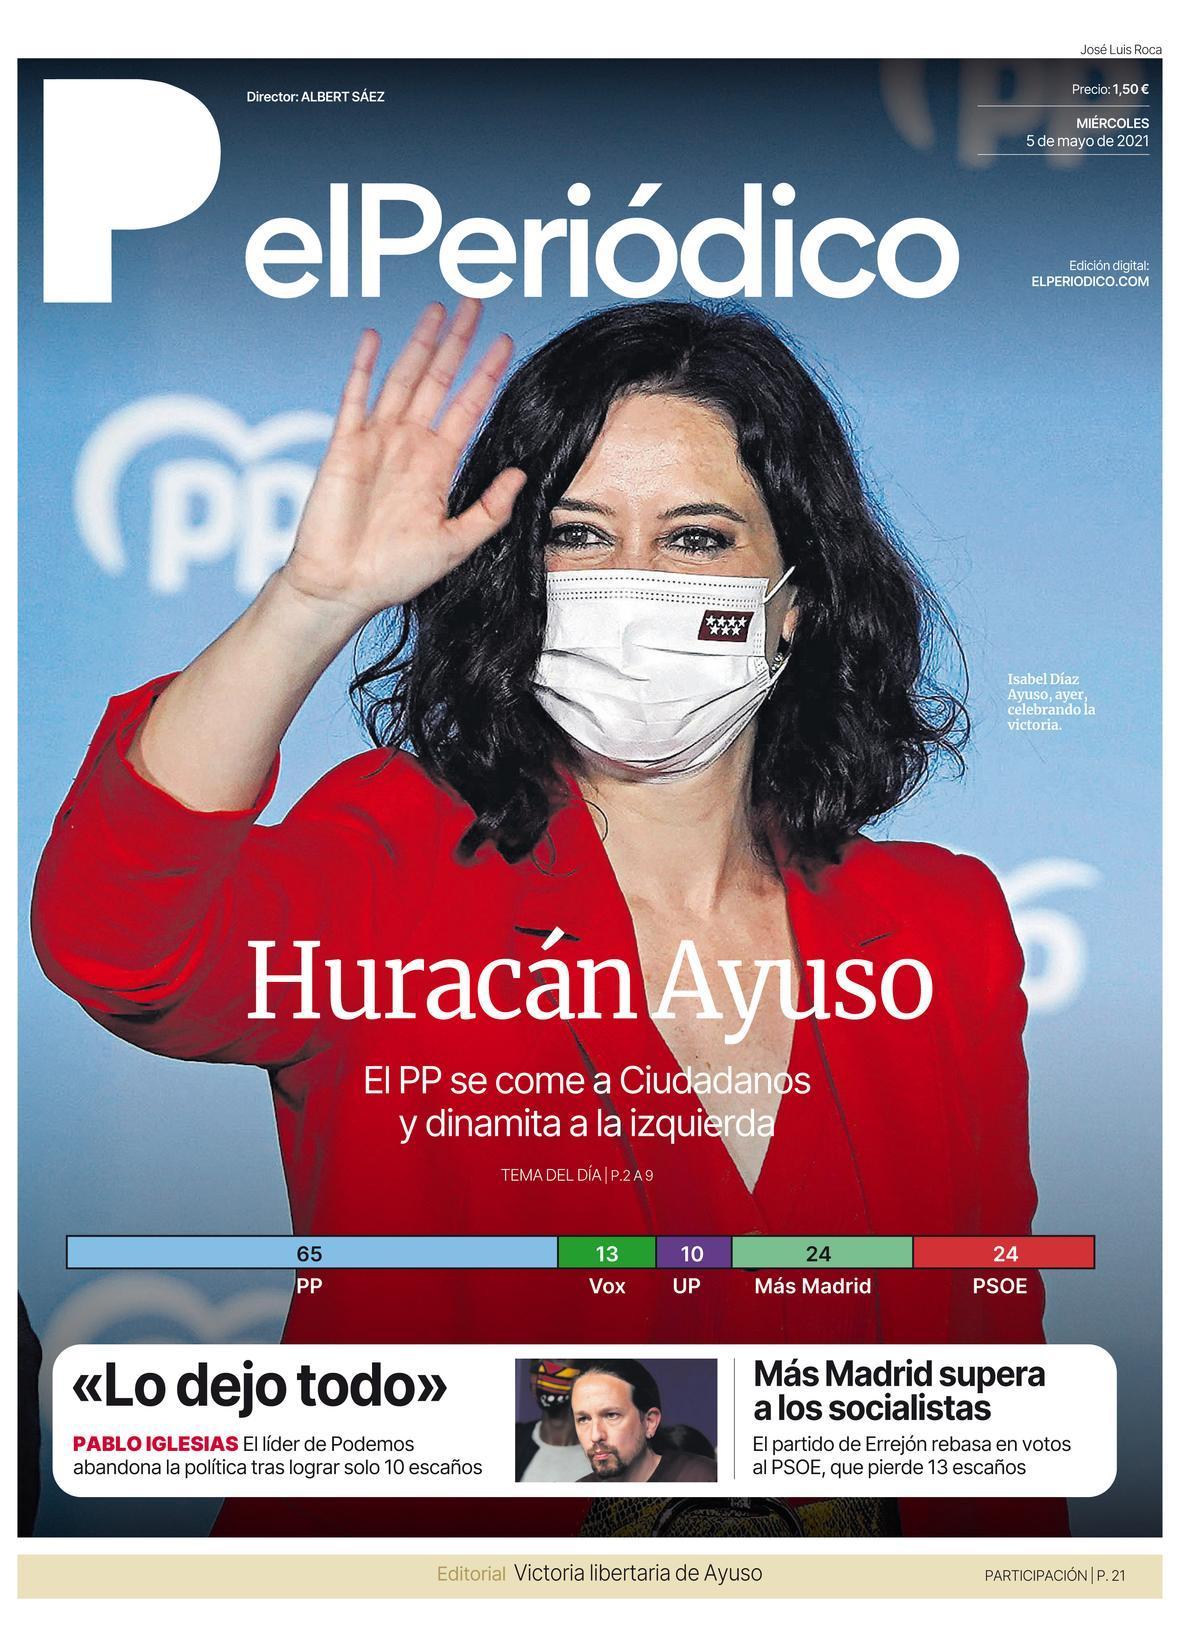 La portada de EL PERIÓDICO del 5 de mayo de 2021